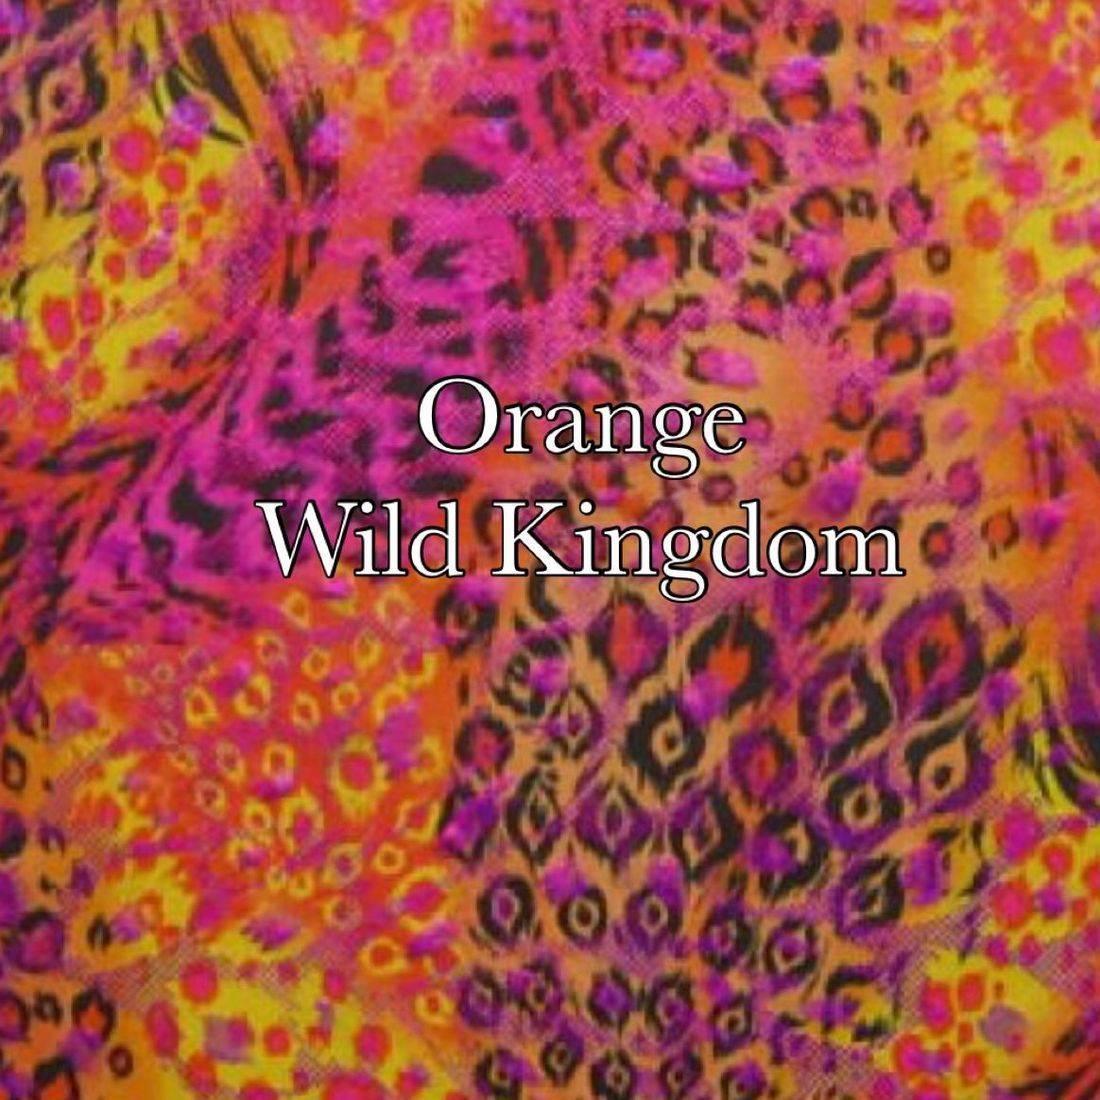 Orange wild kingdom